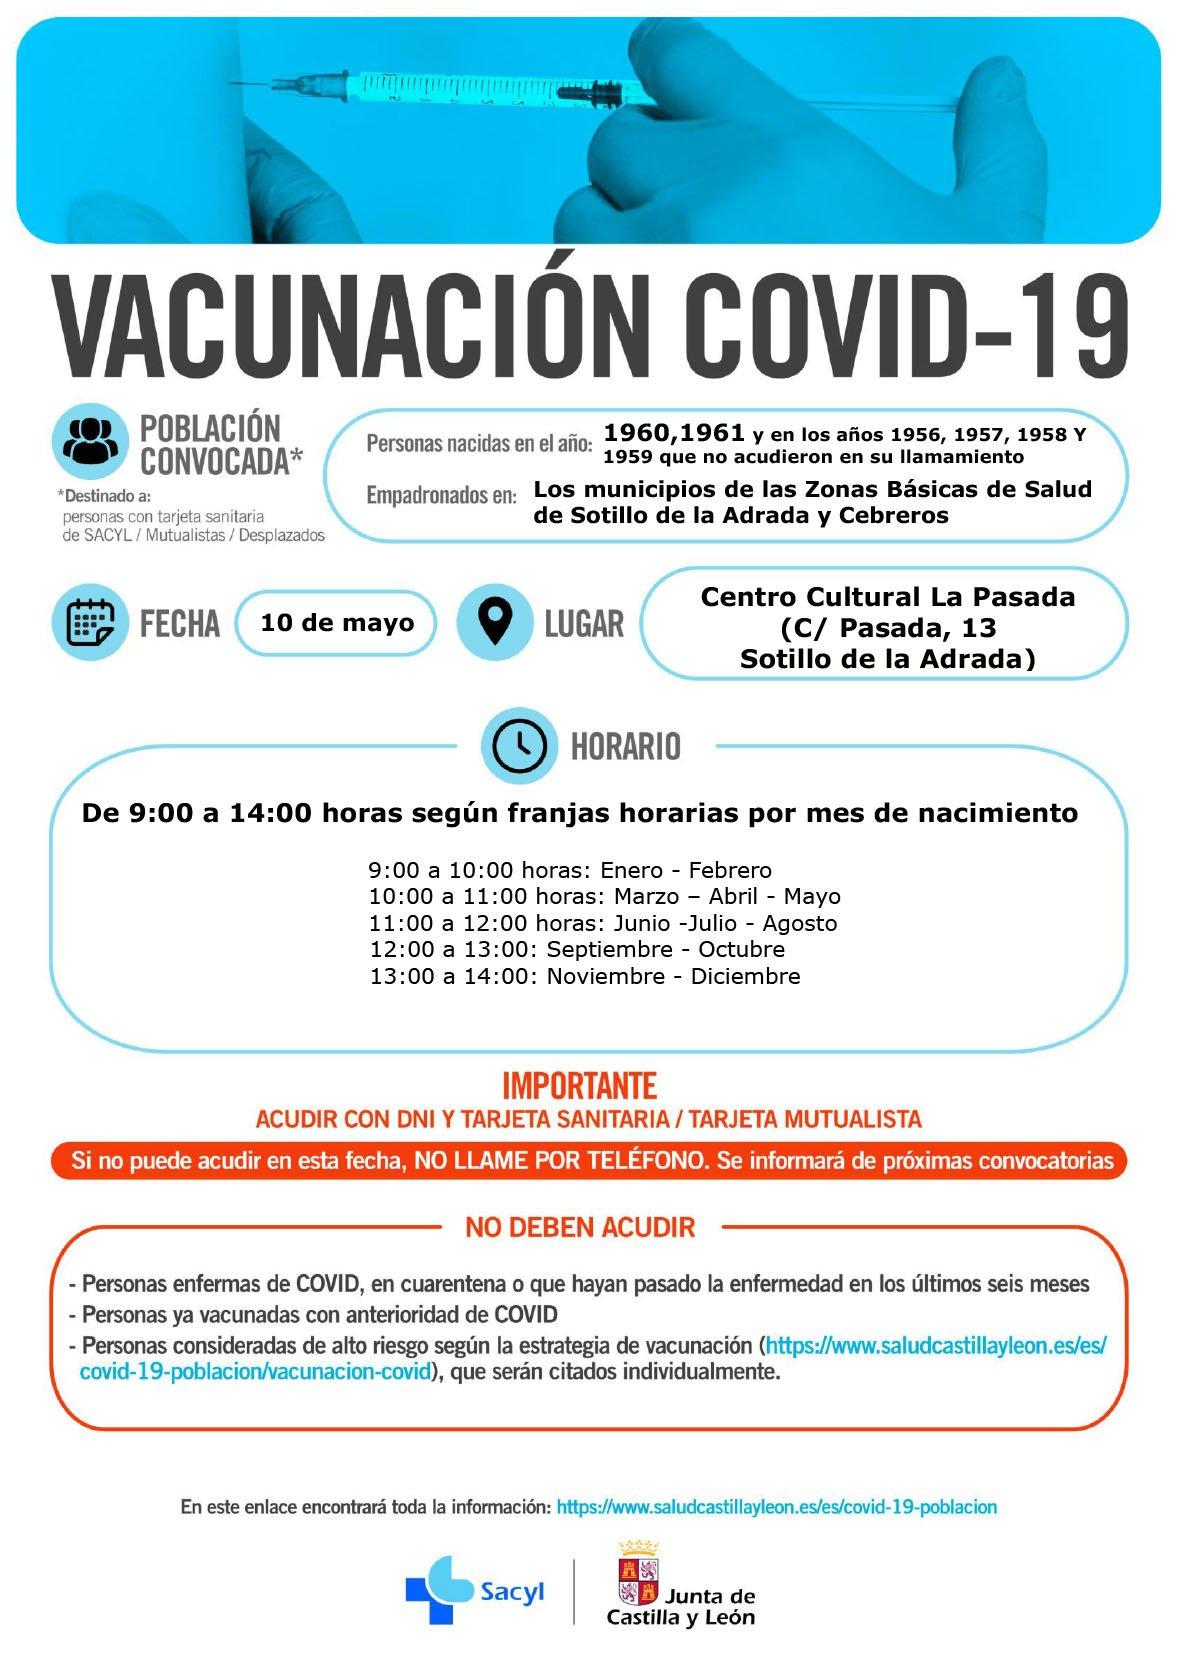 Vacunación en Sotillo de La Adrada - 10 de mayo de 2021